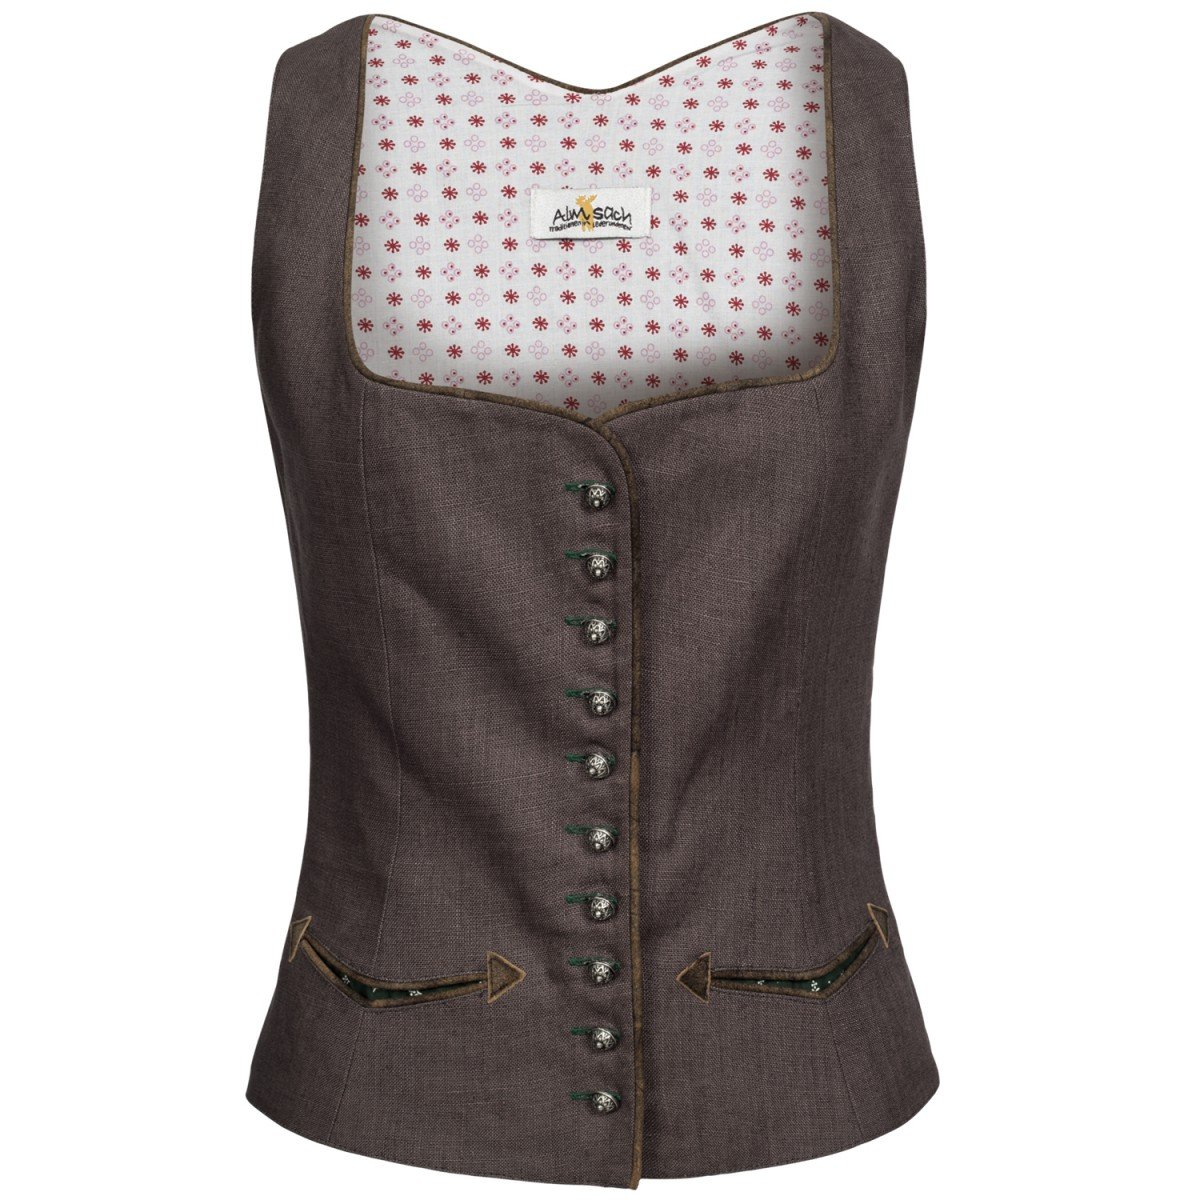 Almsach Damen Trachten-Mode Trachtenmieder Babett in Grau Traditionell Größe:32 Farbe:Grau 2057-2002-379